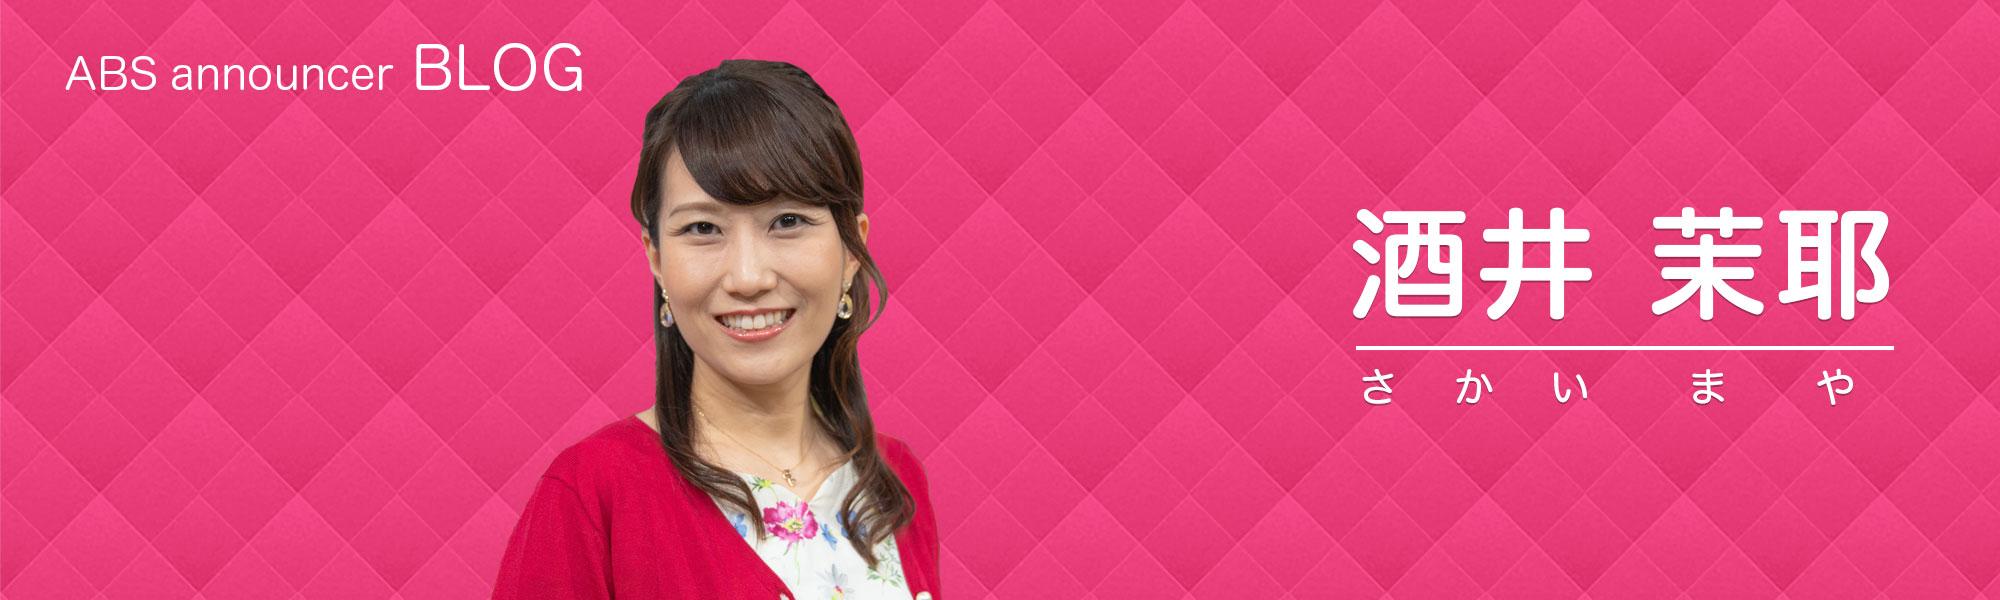 酒井茉耶のブログ